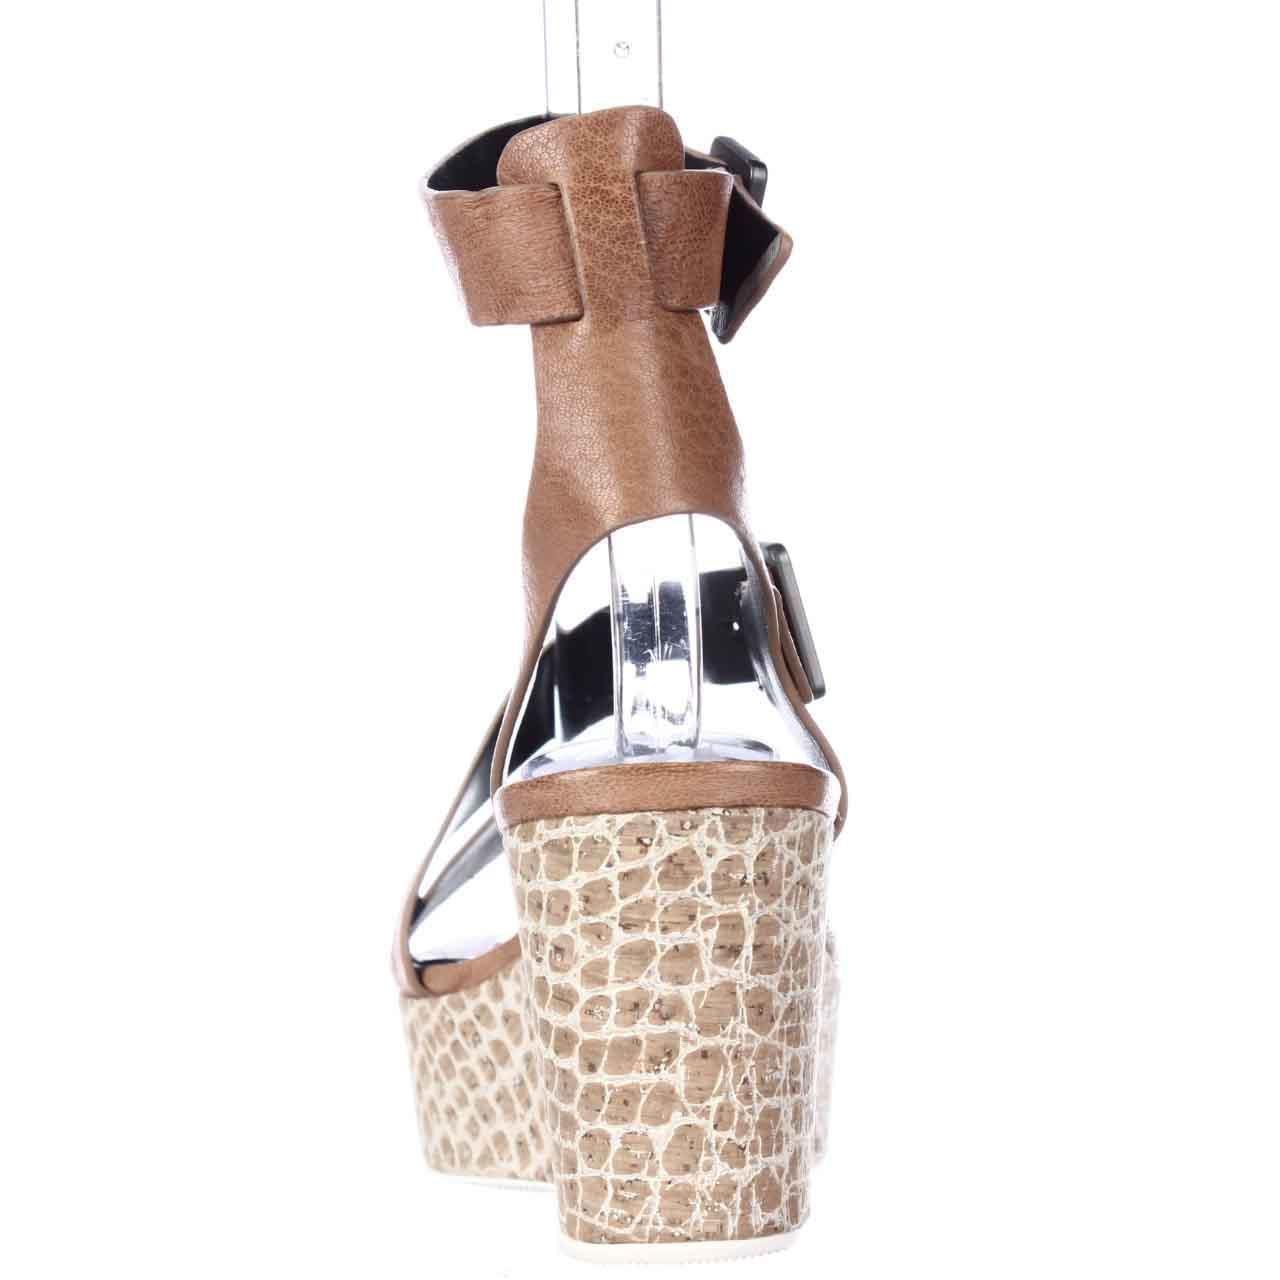 585ad97df69 Tahari - Multicolor Elie Mustique Strappy Platform Sandals